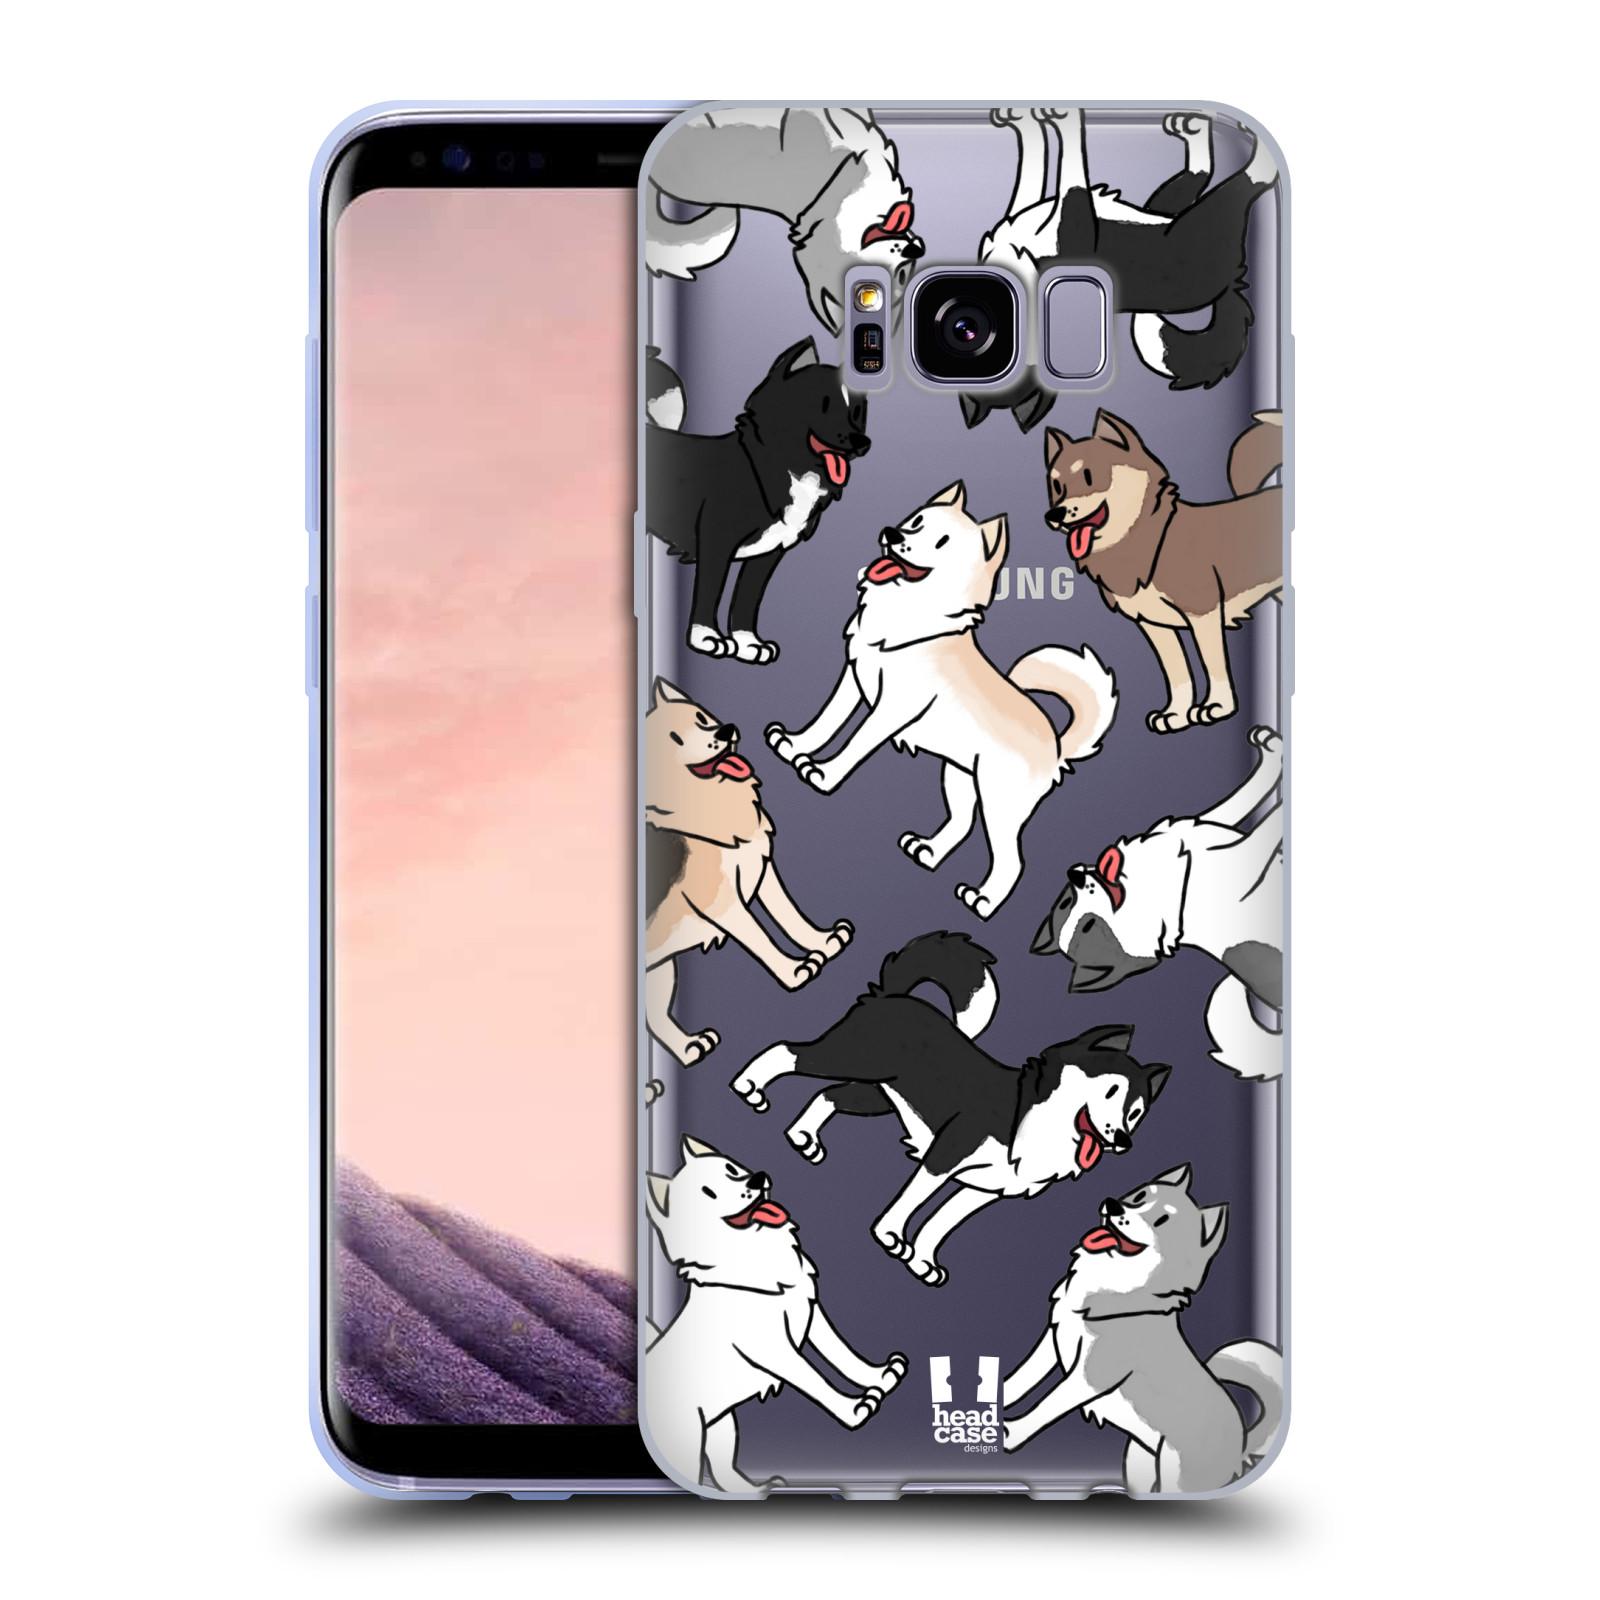 HEAD CASE silikonový obal na mobil Samsung Galaxy S8 PLUS pejsek Sibiřský husky